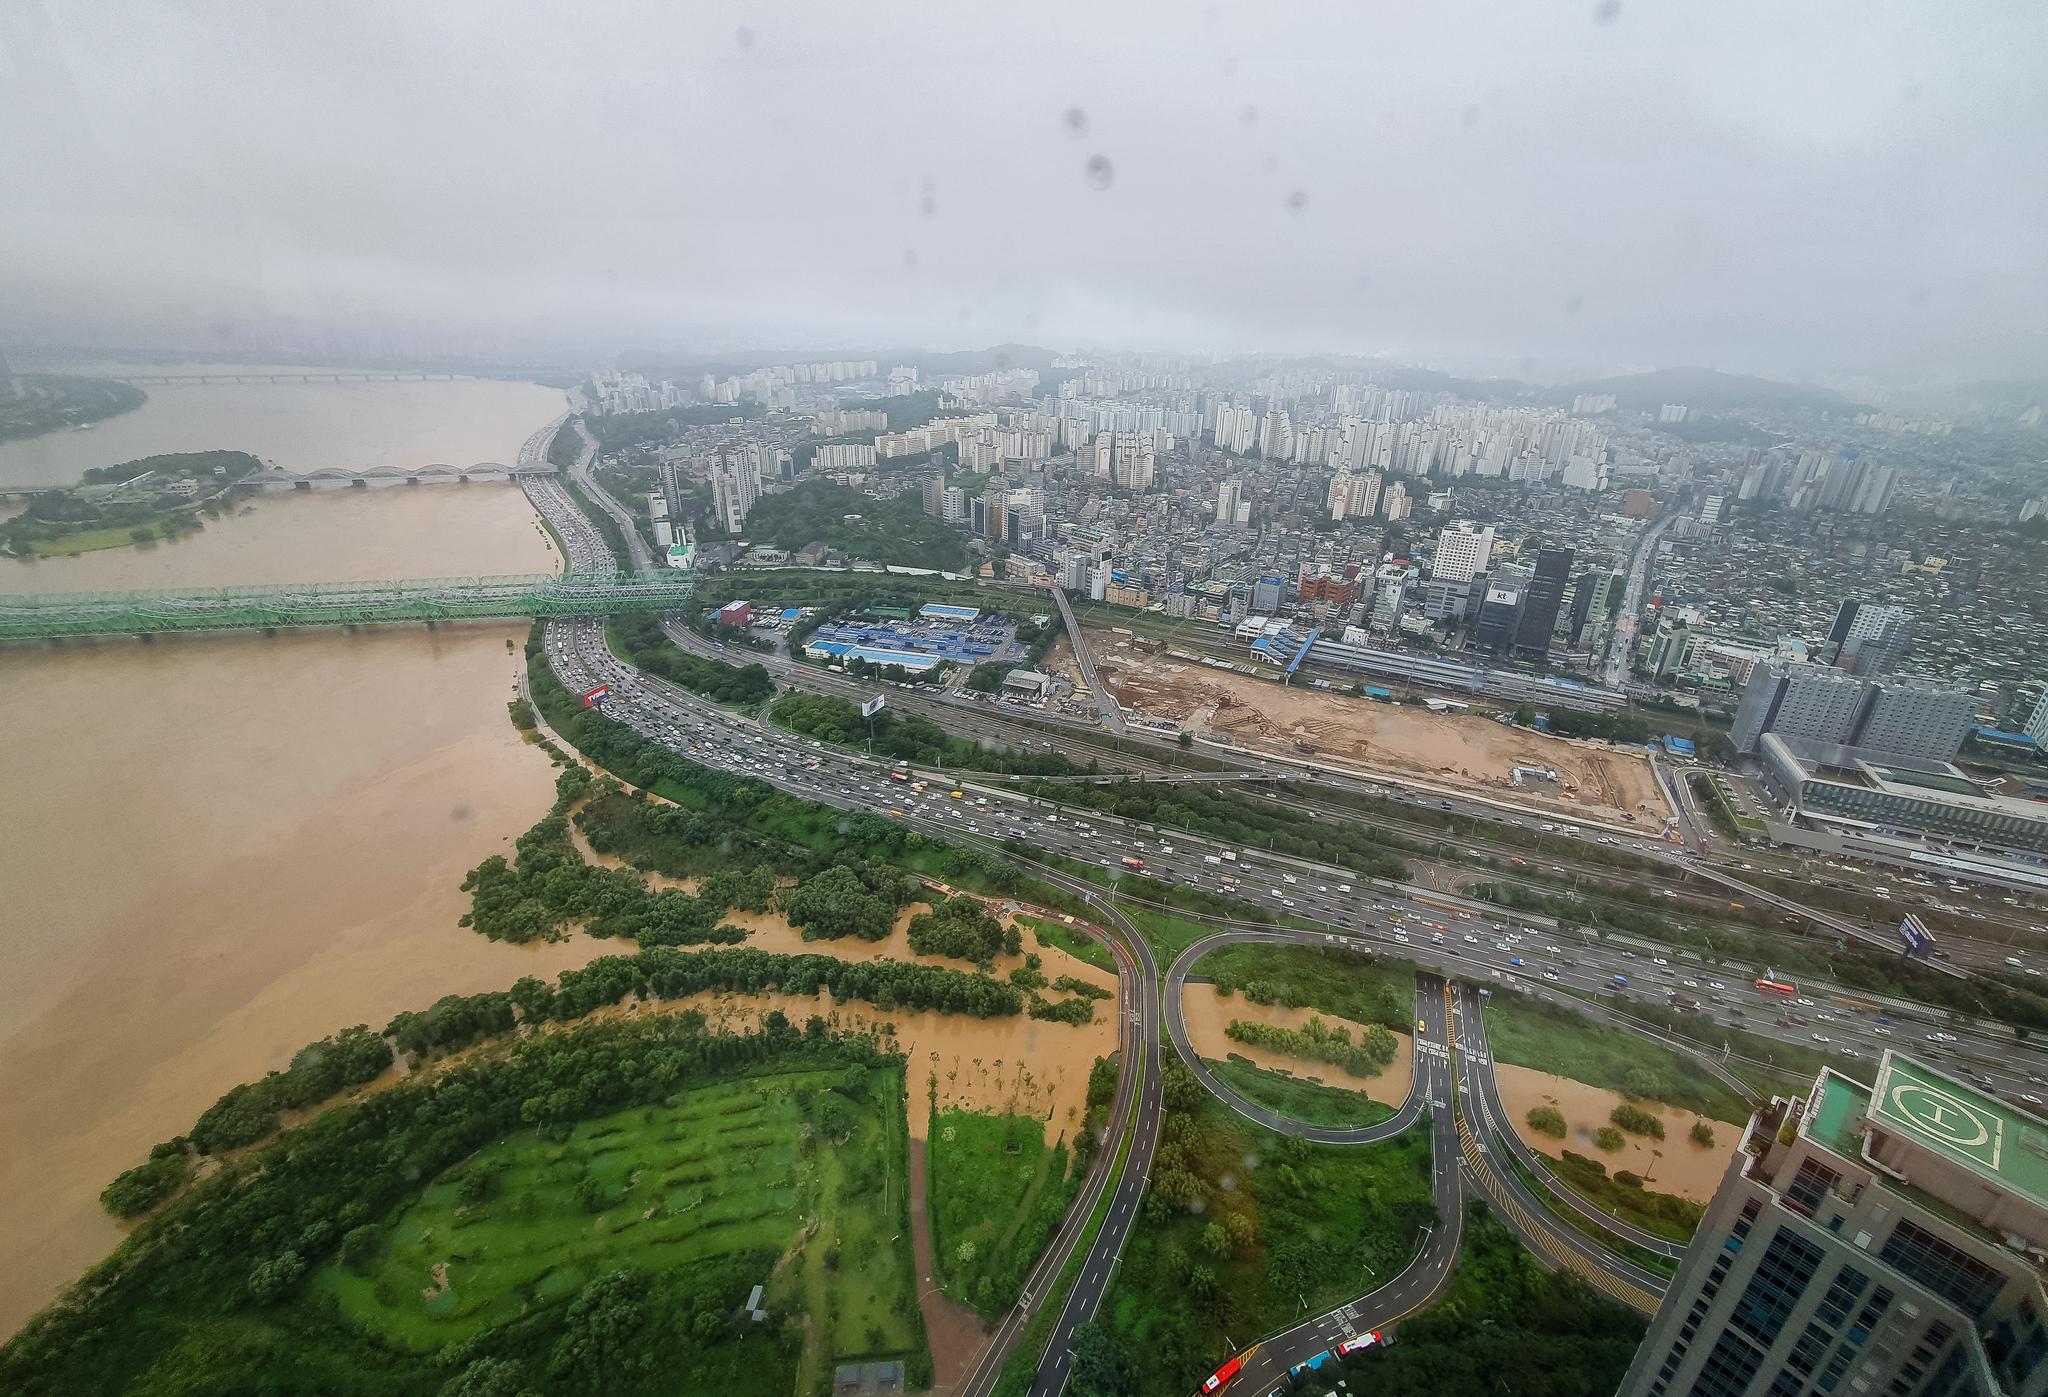 3일 중부지방에 집중되고 있는 폭우로 서울 여의도 63아트에서 바라본 한강이 흙탕물로 변해 있다. 뉴스1